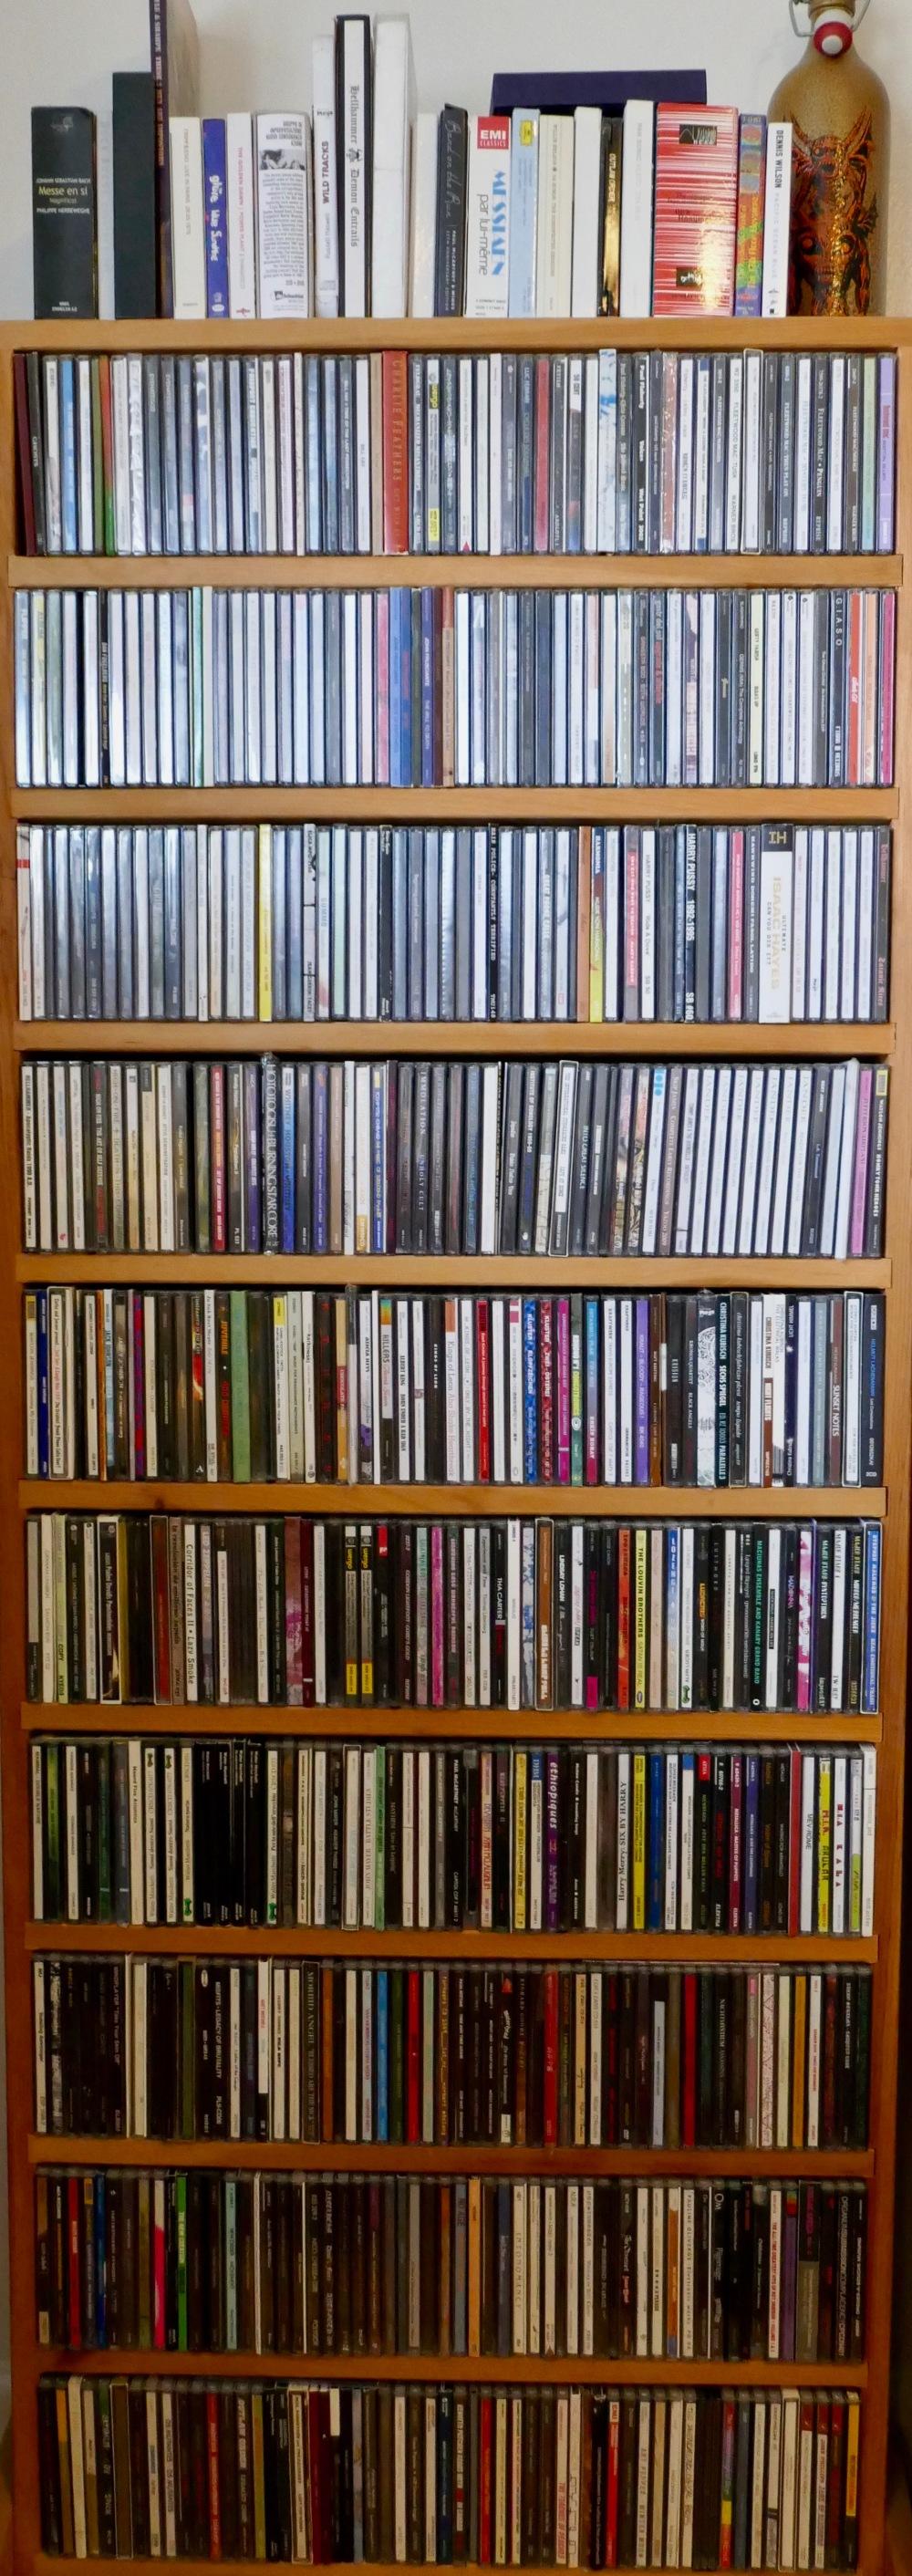 GK CDs E-P +boxsets.jpeg